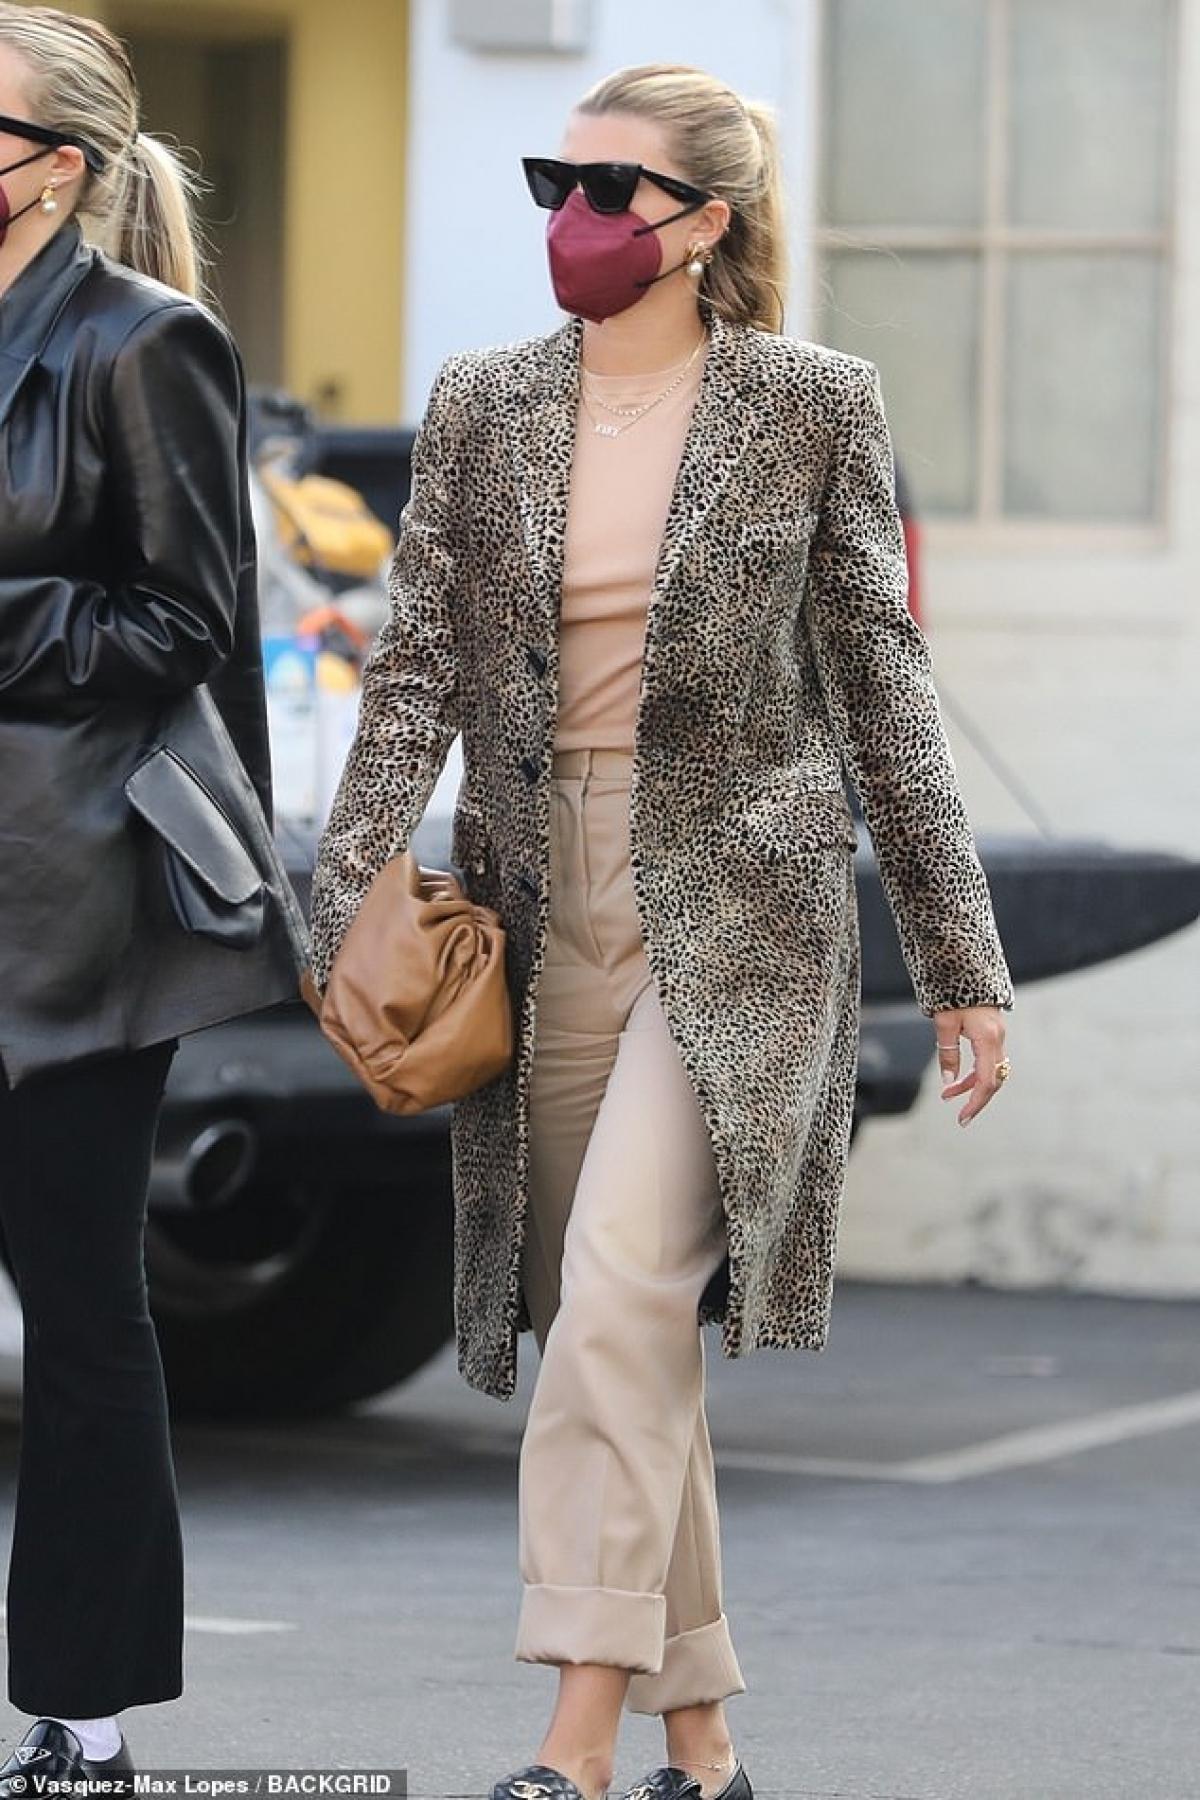 Sofia Richie vui vẻ đi thưởng thức bữa trưa cùng bạn bè tại một nhà hàng sang trọng ở Beverly Hills vừa qua.